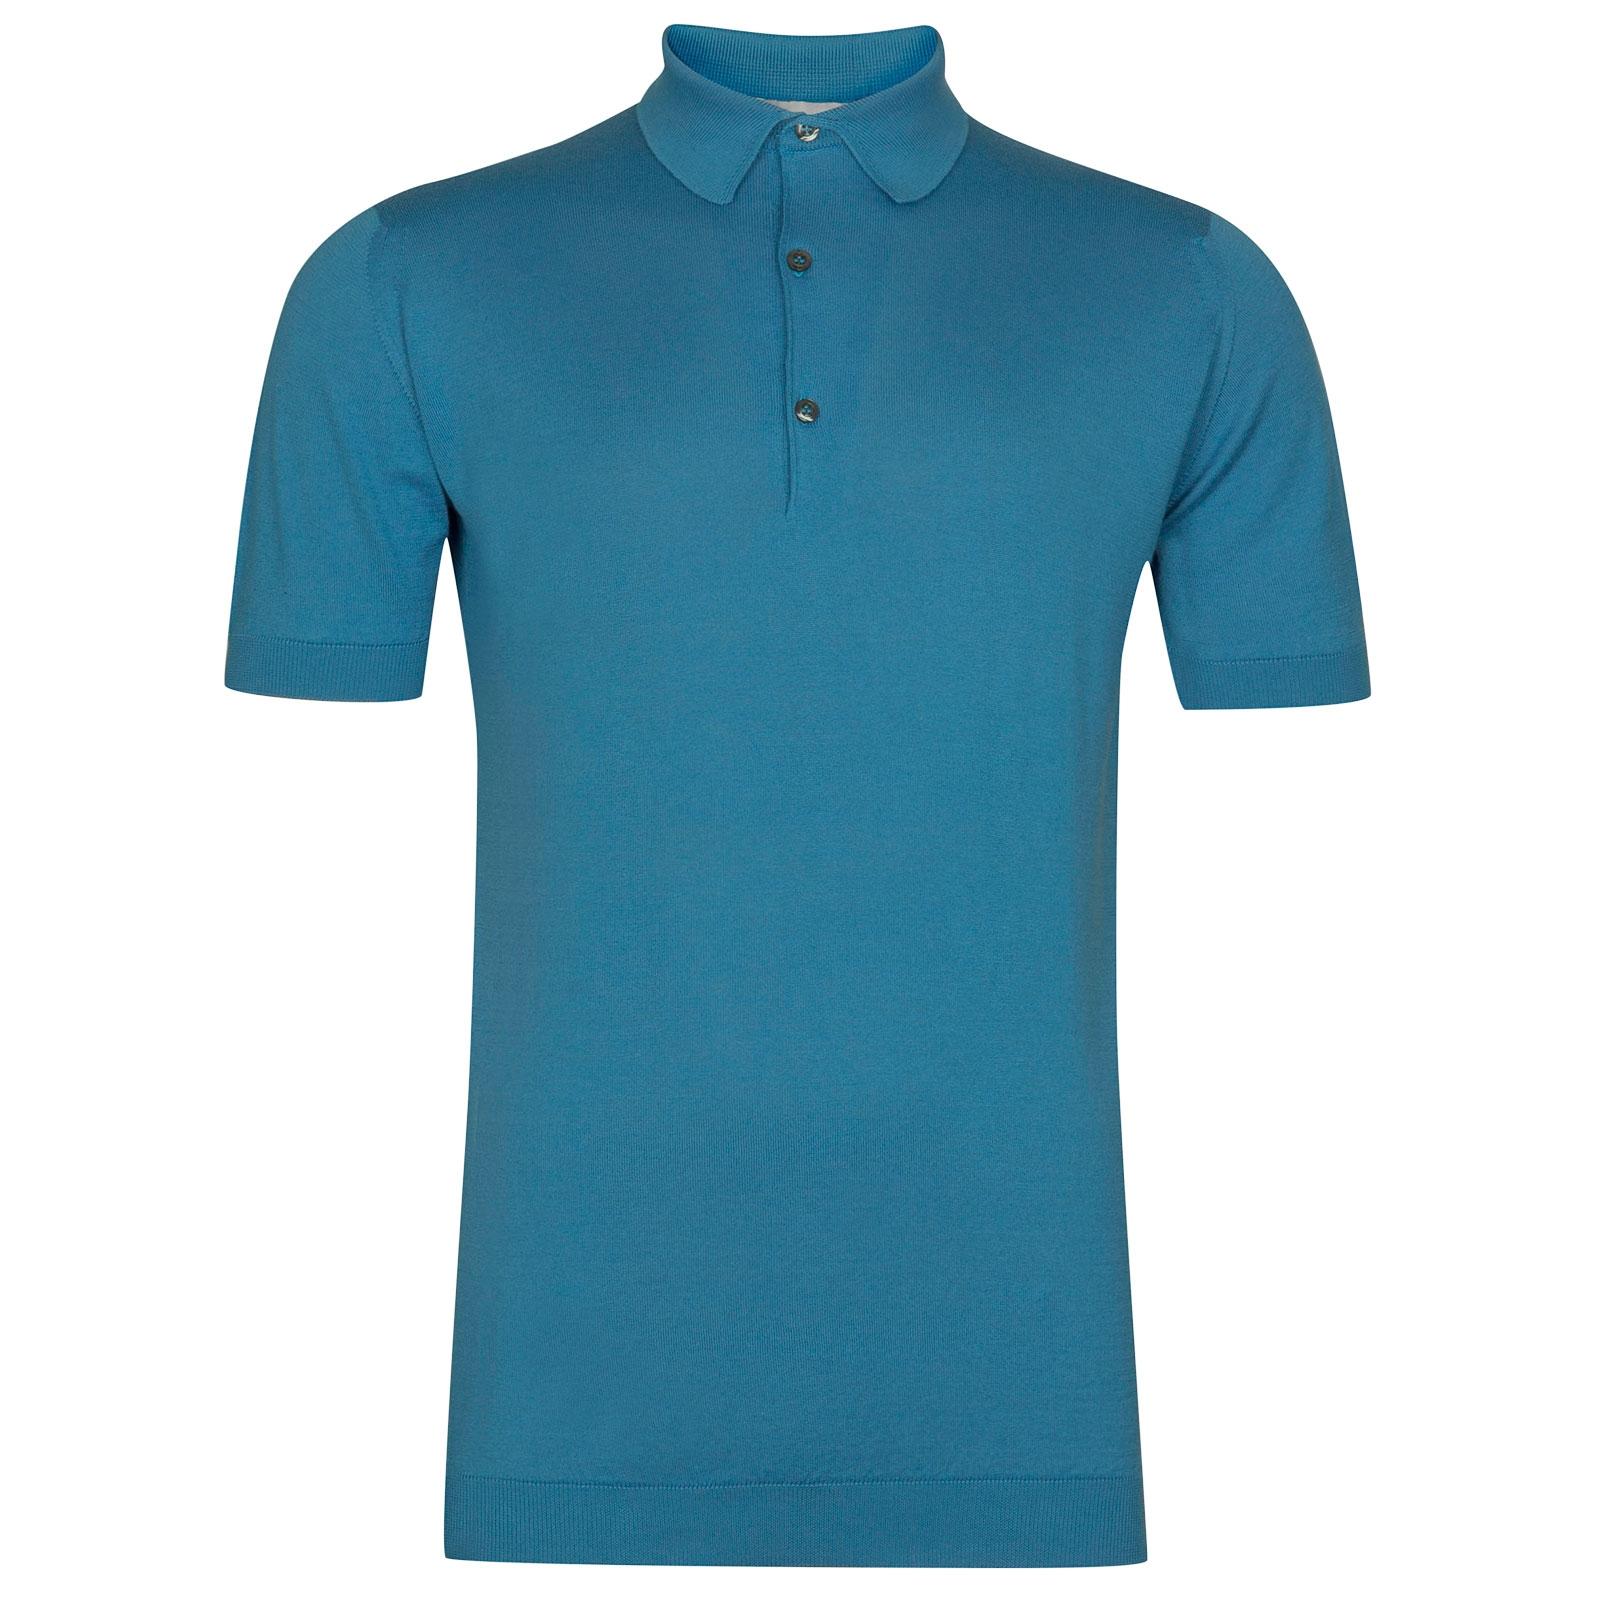 John Smedley Adrian Sea Island Cotton Shirt in Ionize Blue-XL